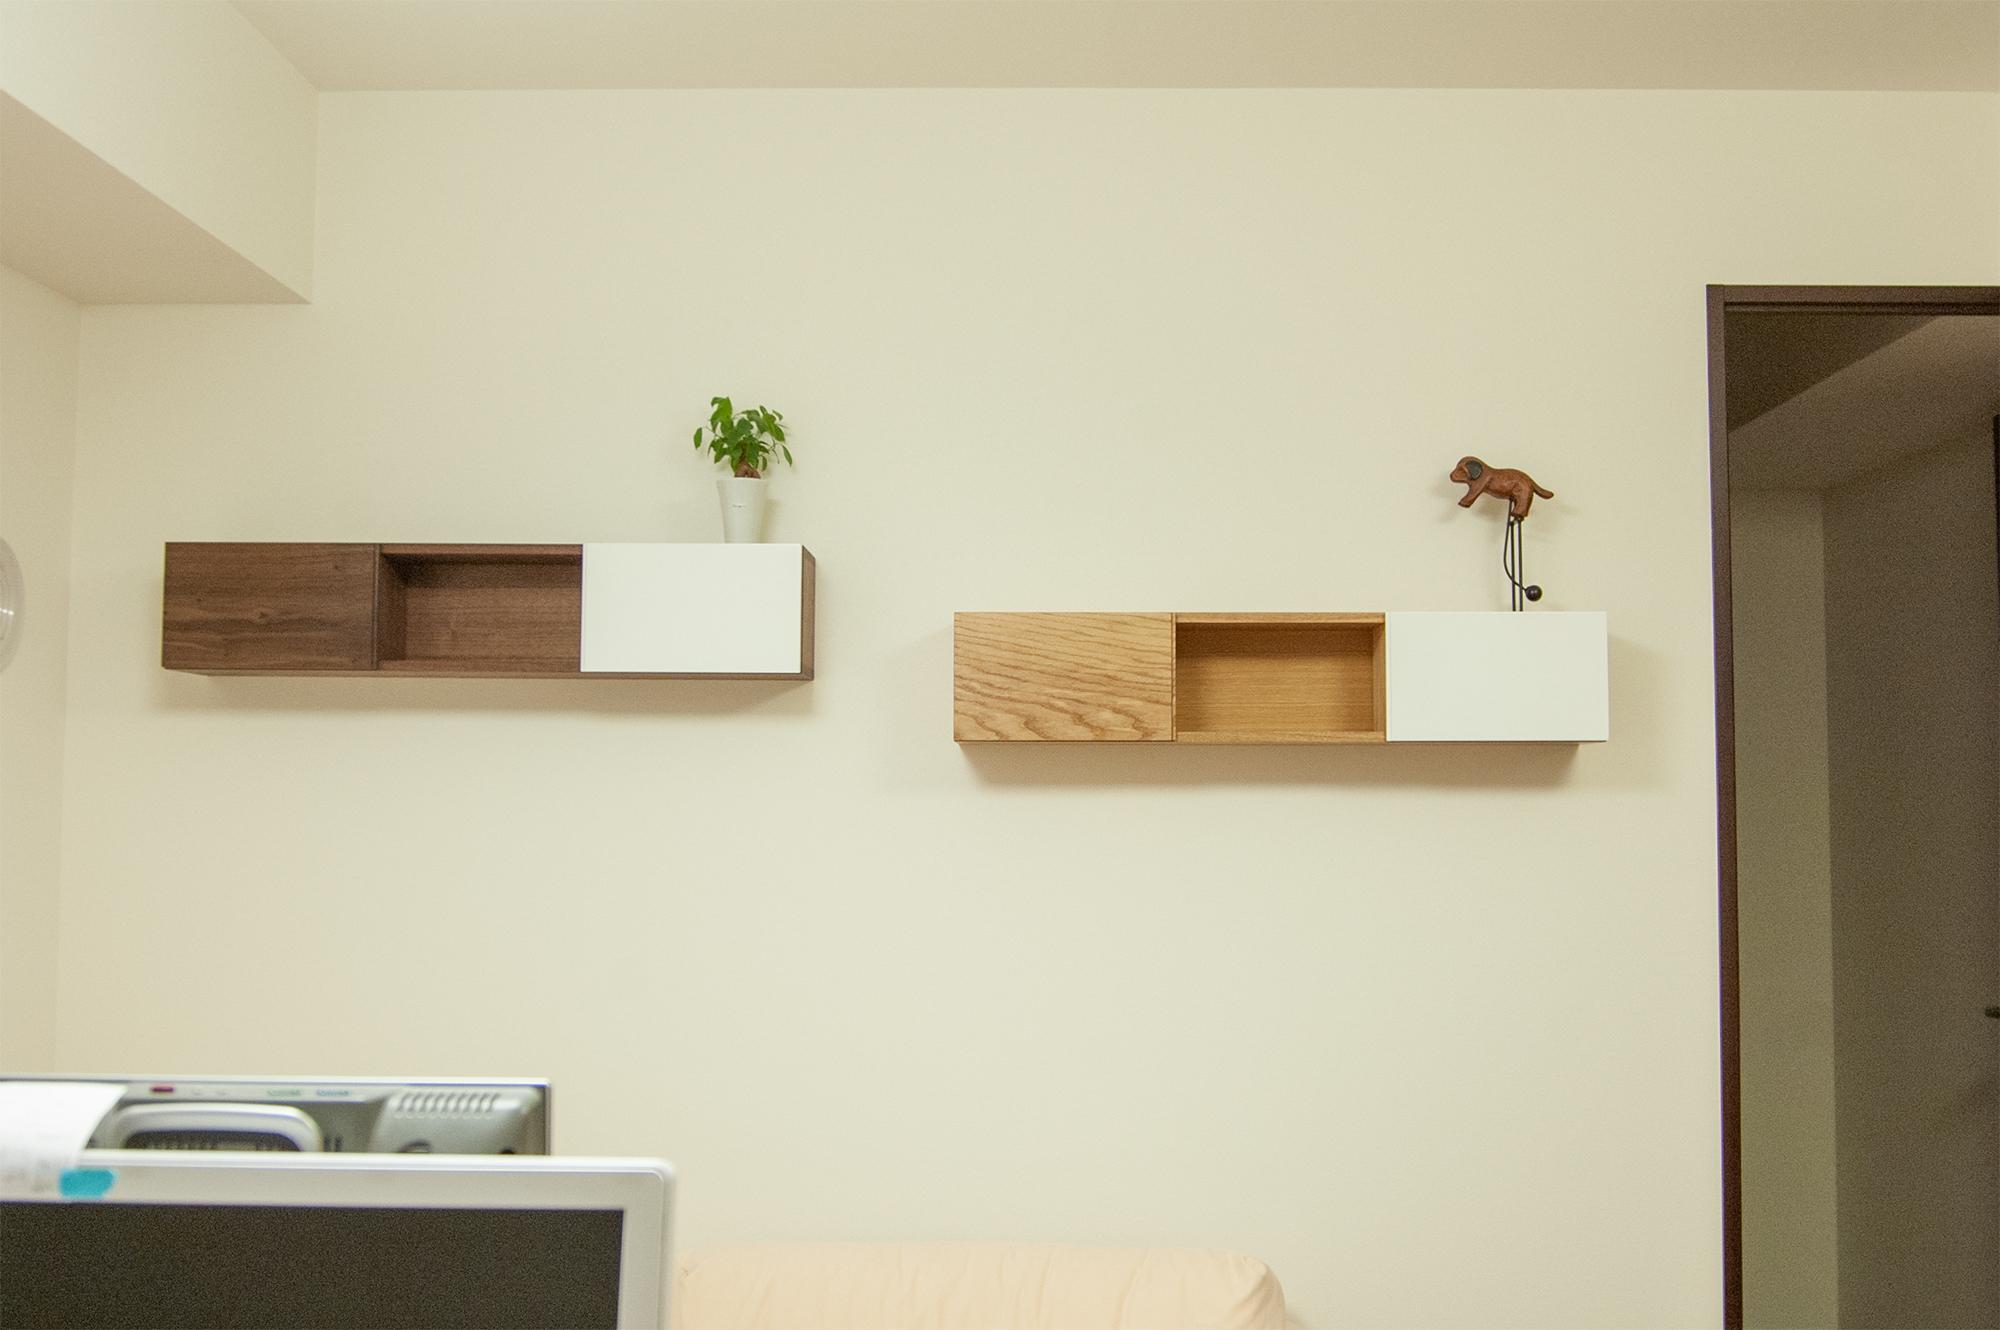 wallshelf